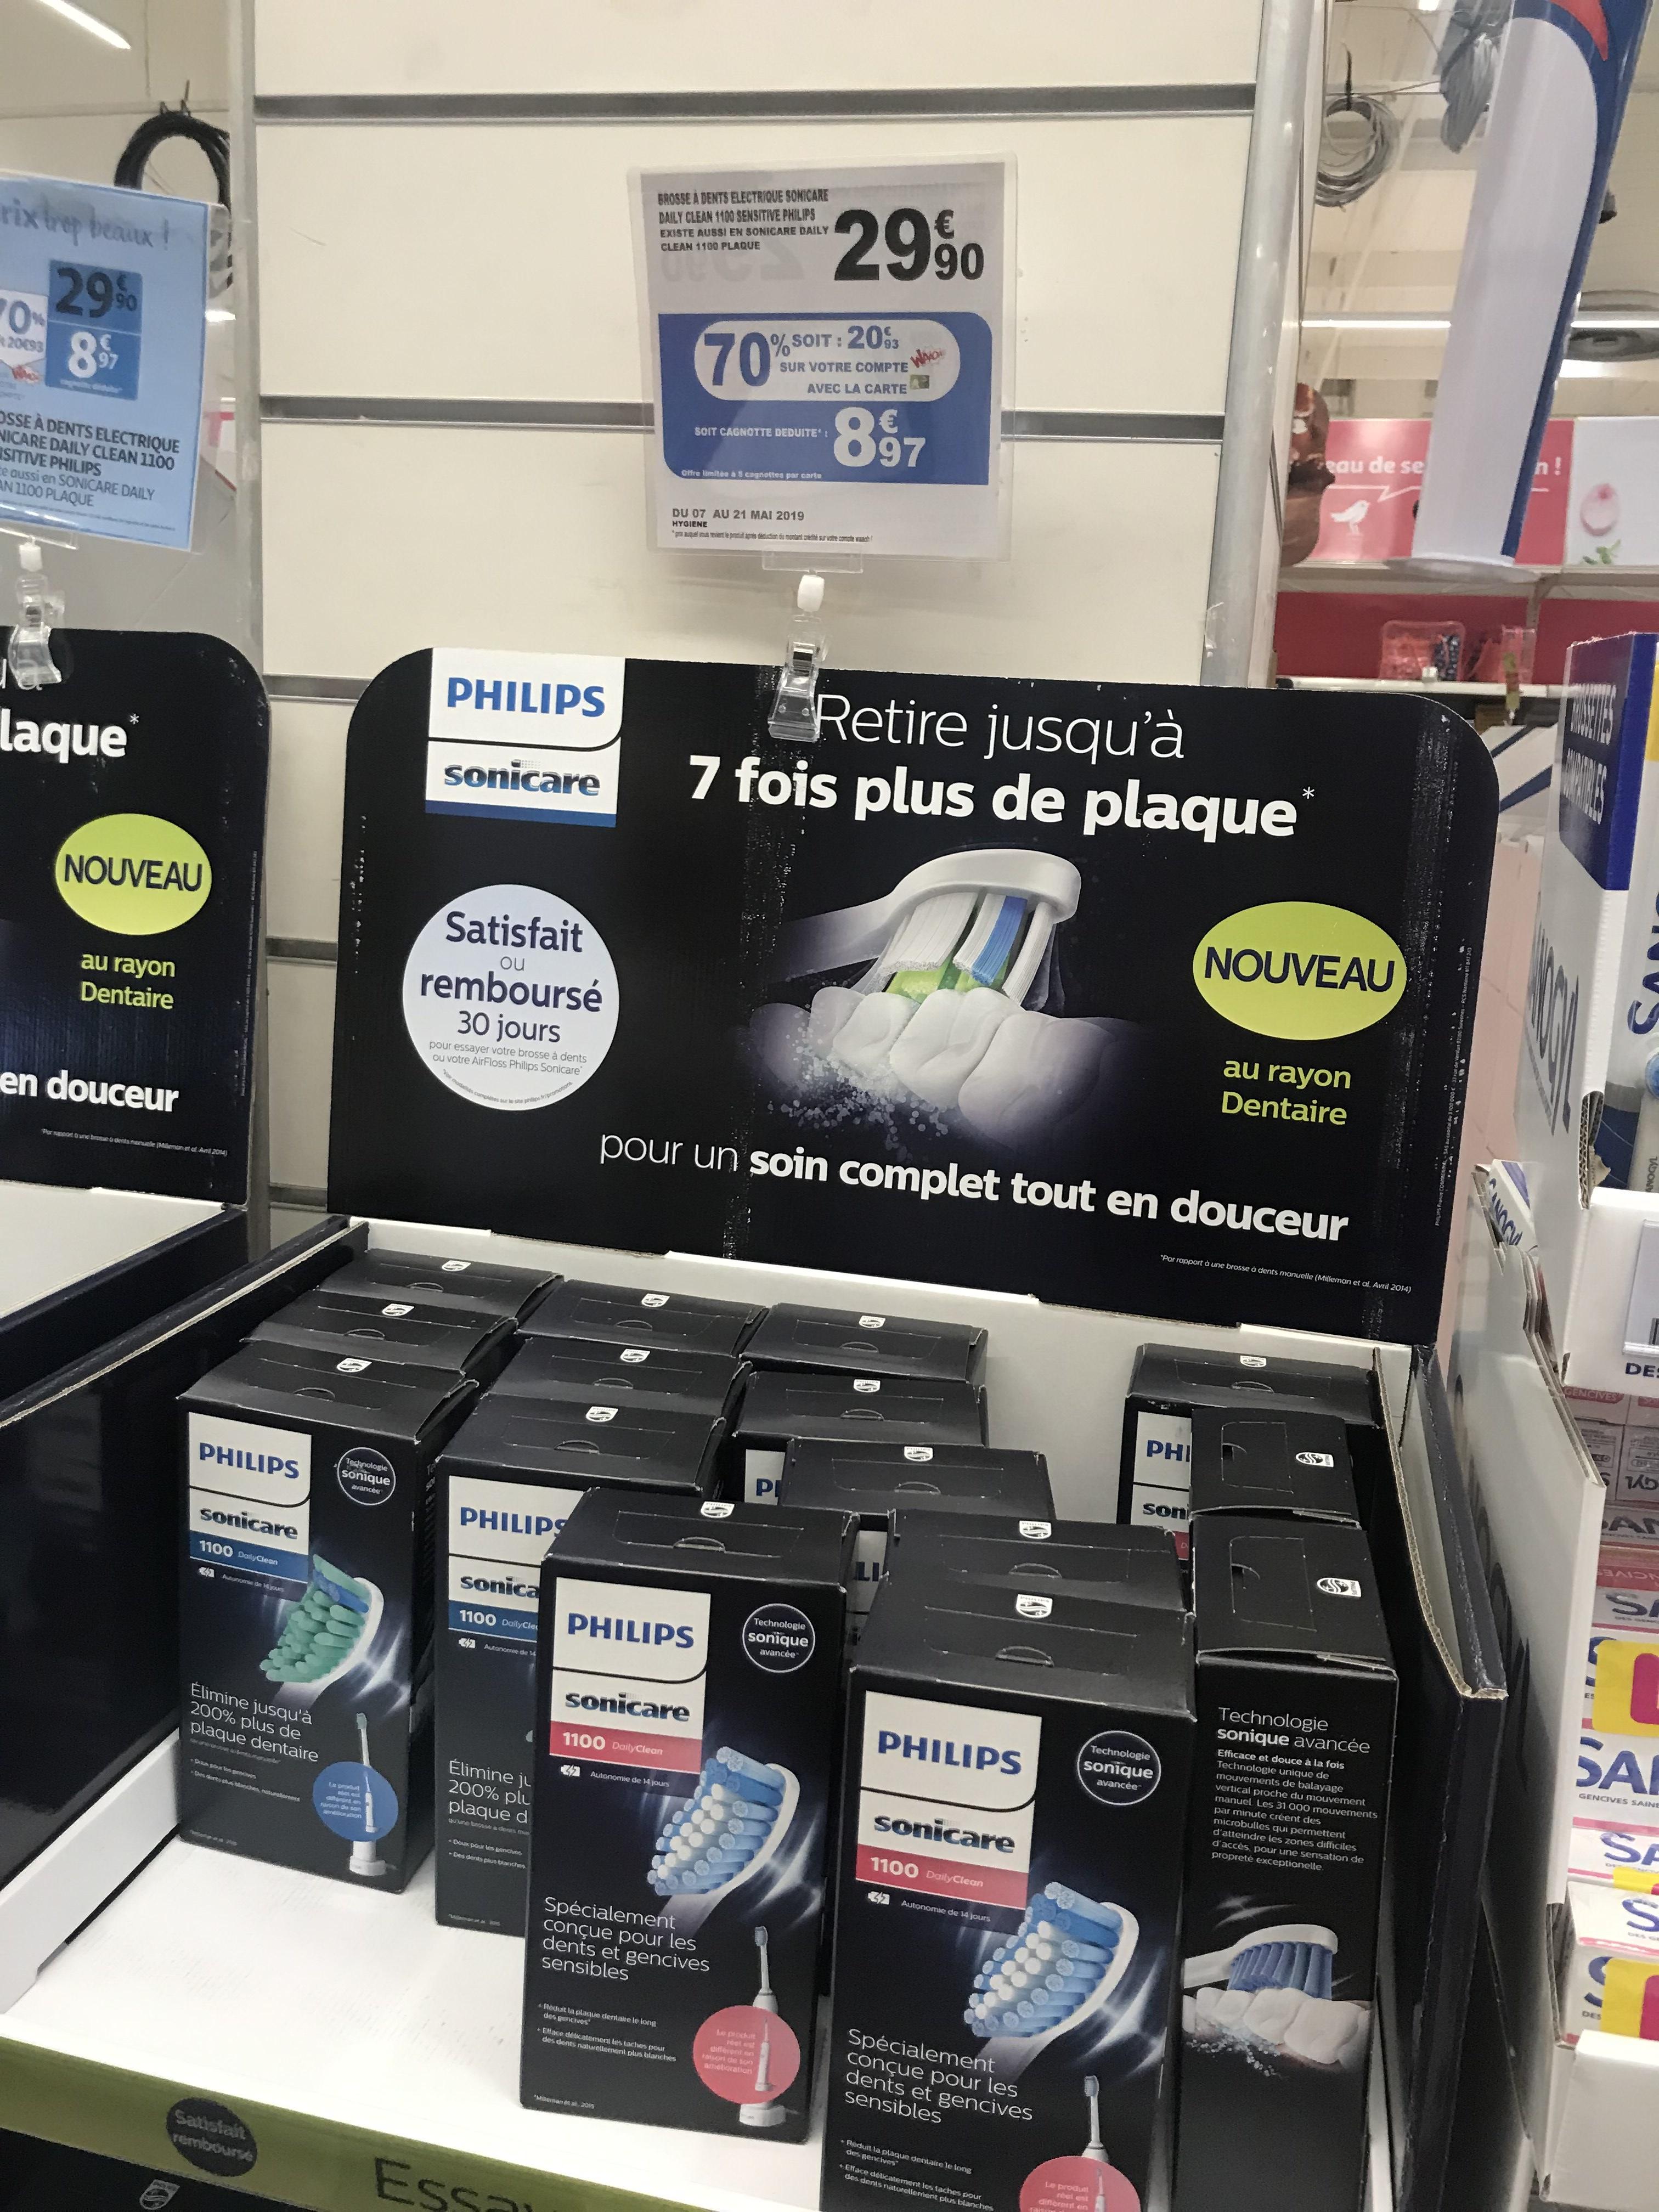 Brosse à dent électrique Philips (Via 20,93€ sur la carte fidélité) - Saint Genis Laval (69)